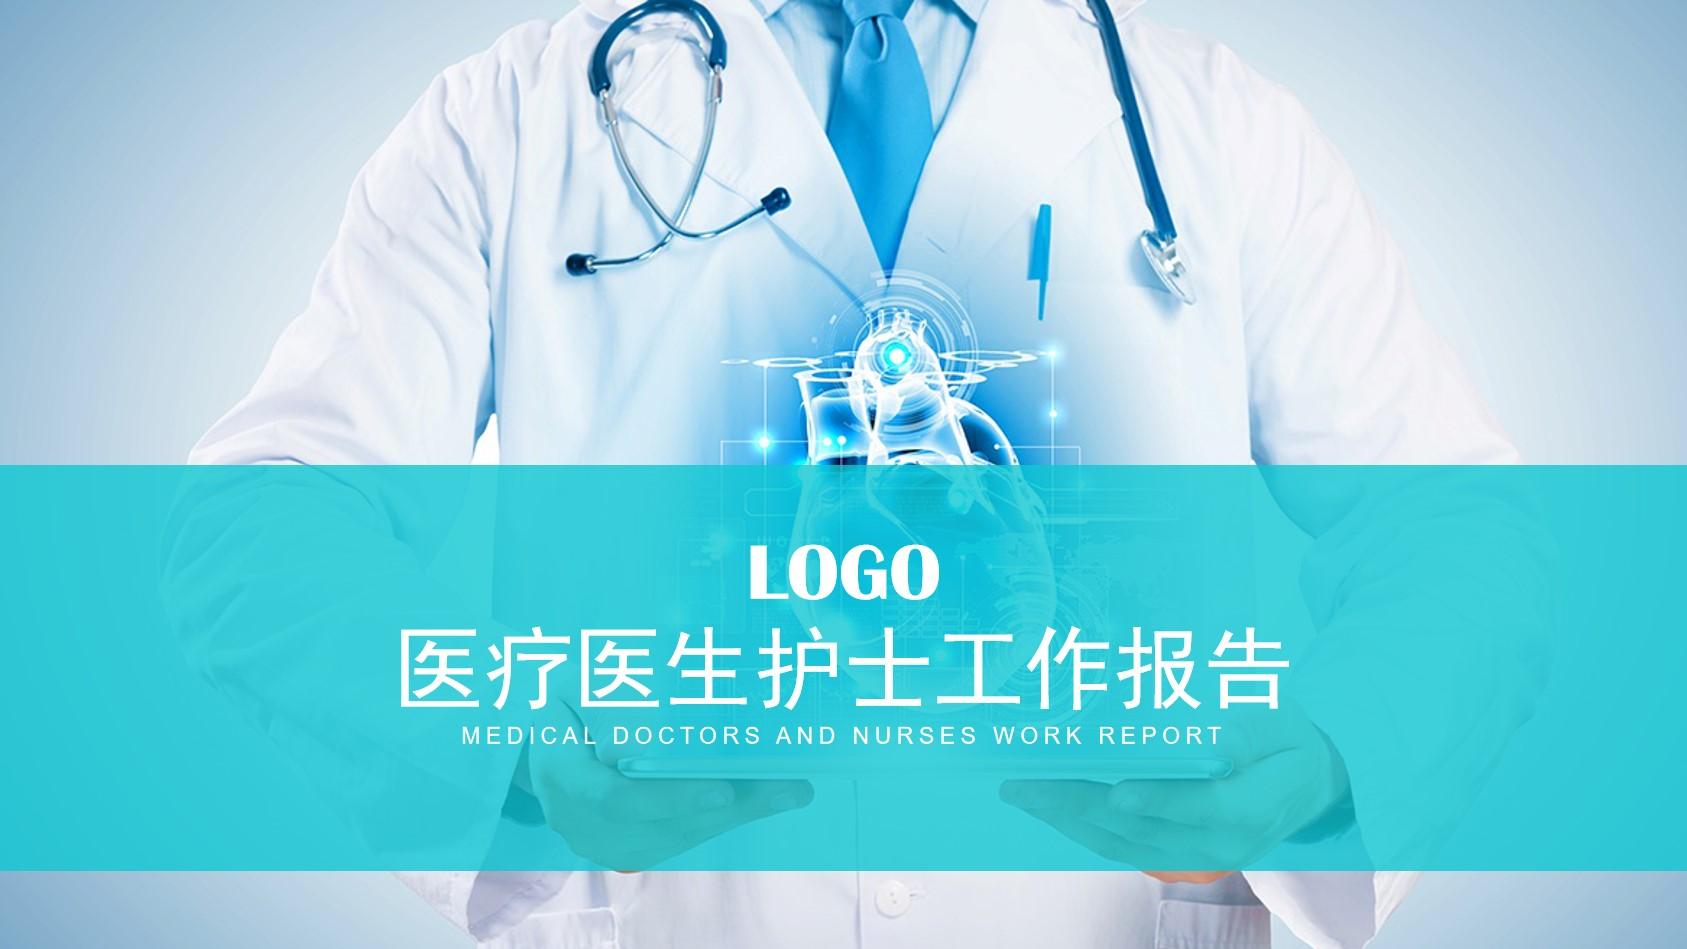 绿色扁平化医生护士工作报告PPT模板